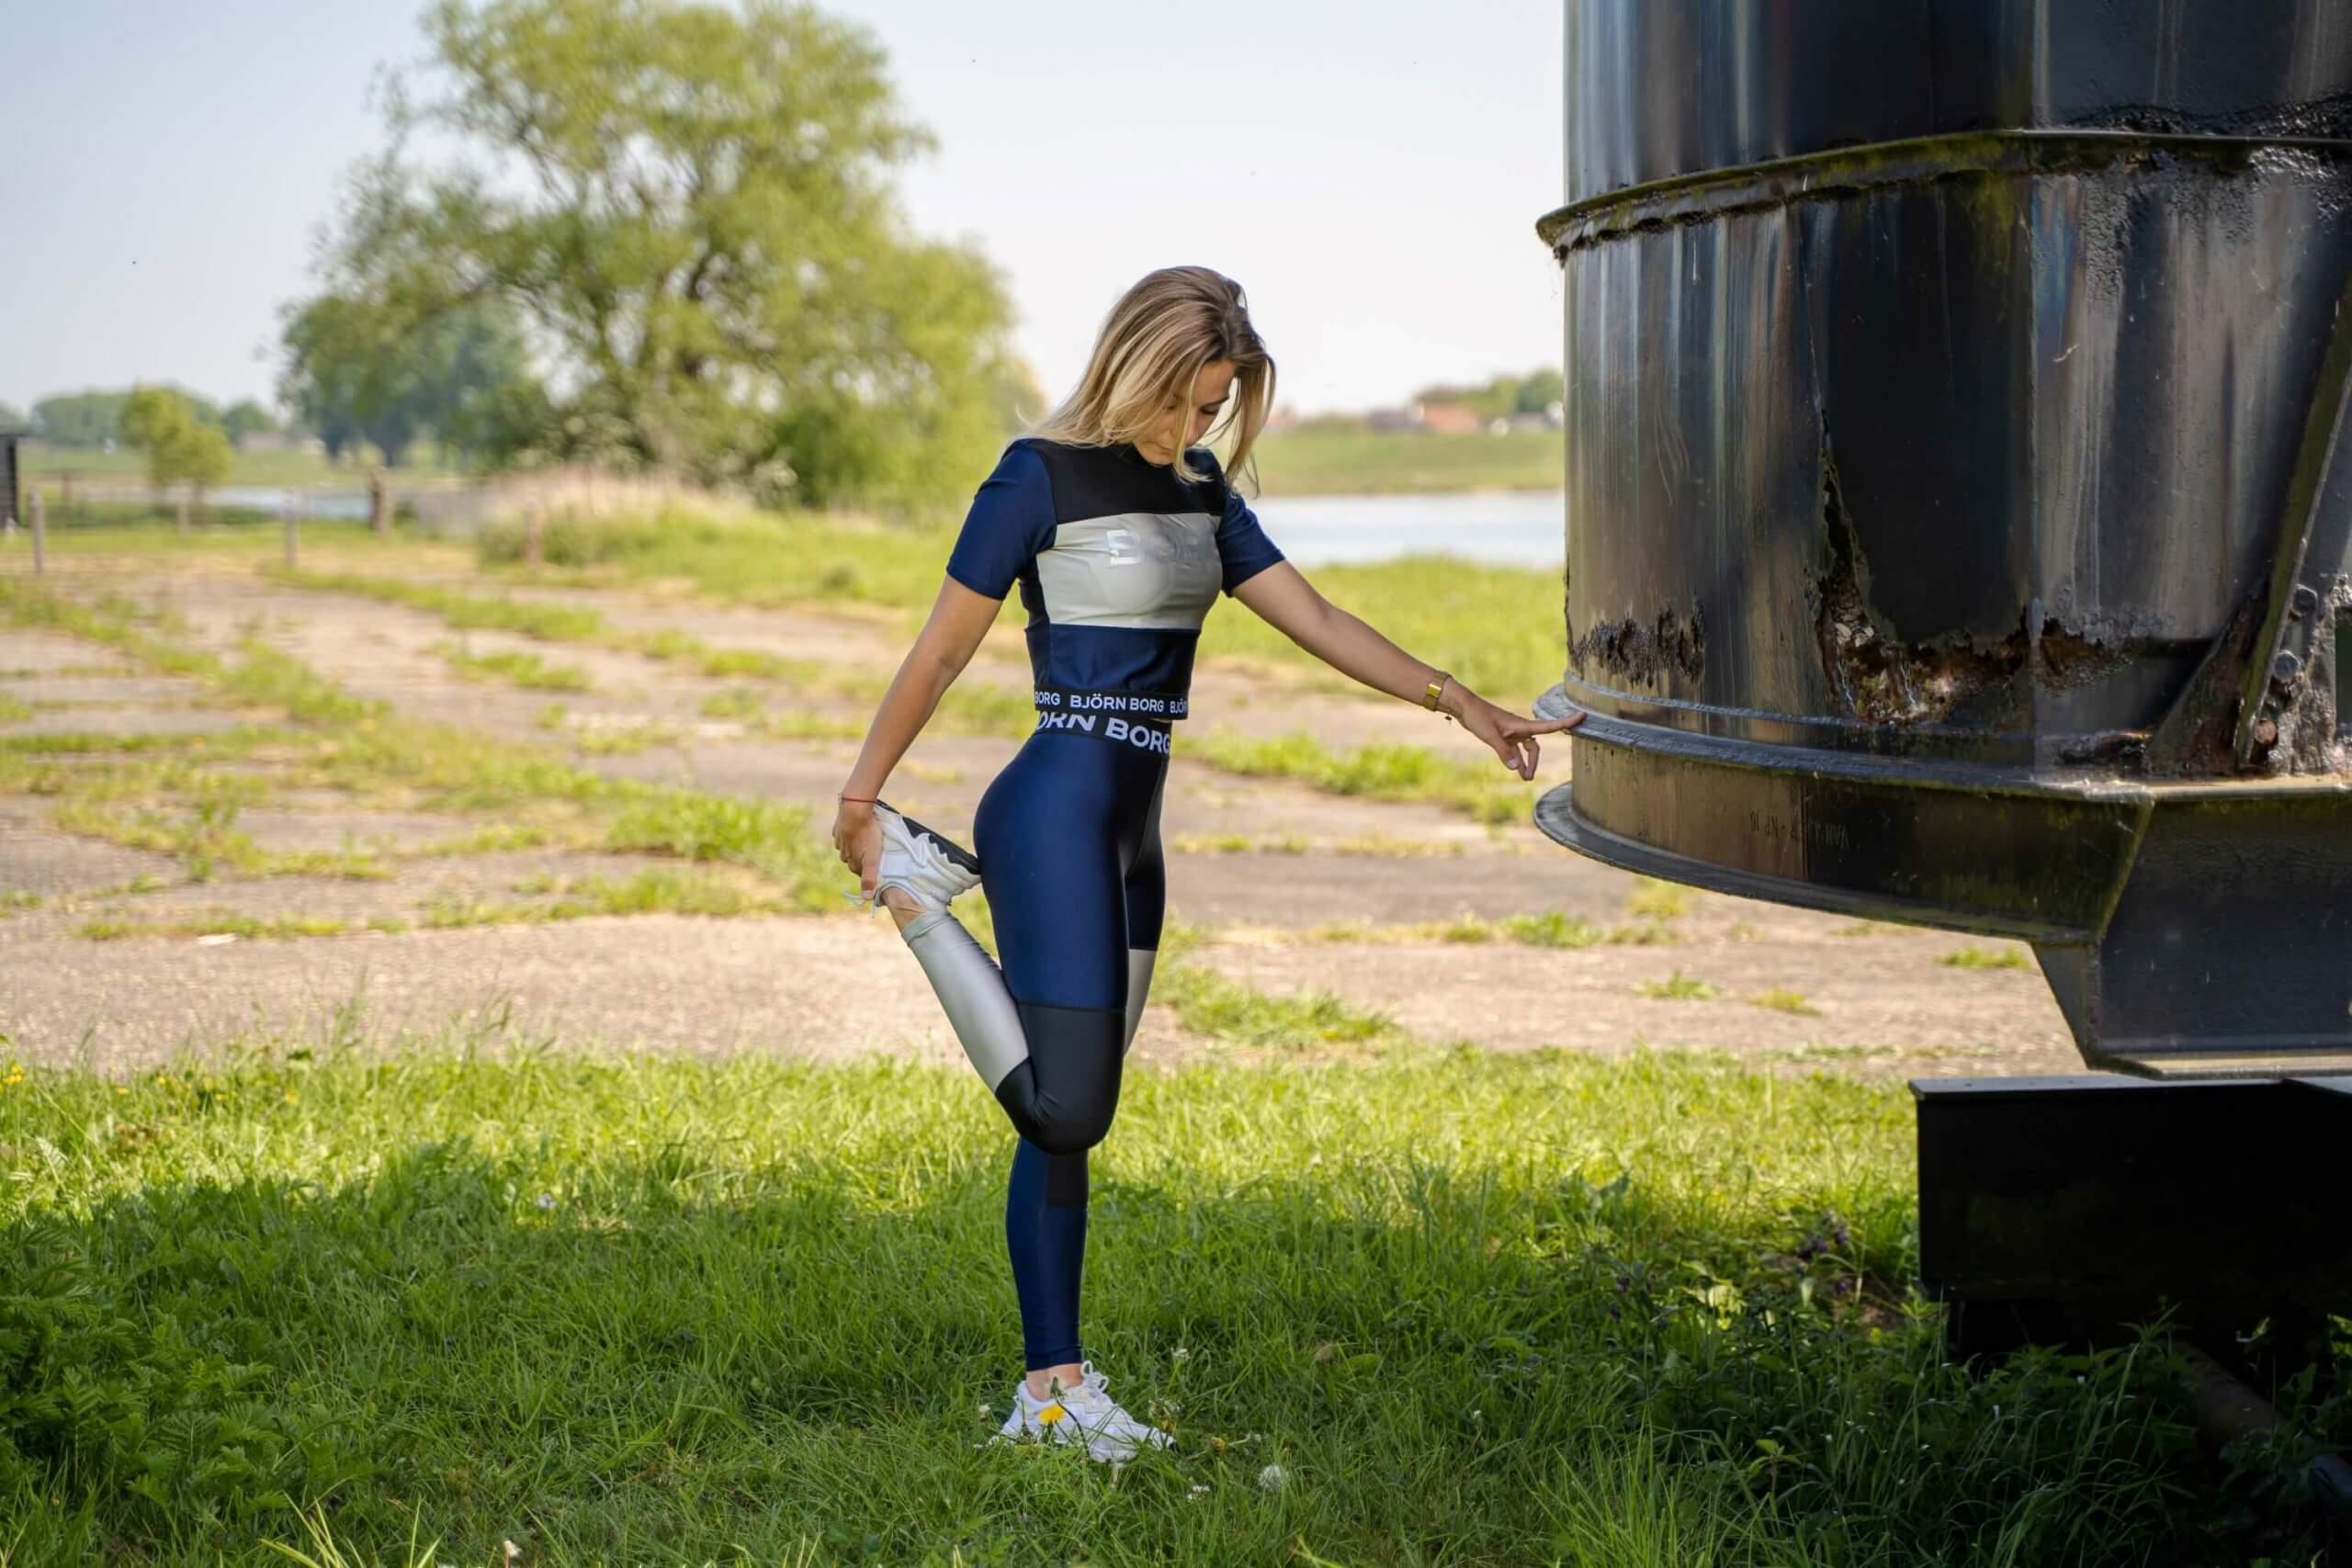 Bedrijfsfotografie ondernemer vrouwelijke ondernemer zzp sport sportief eigen bedrijf content